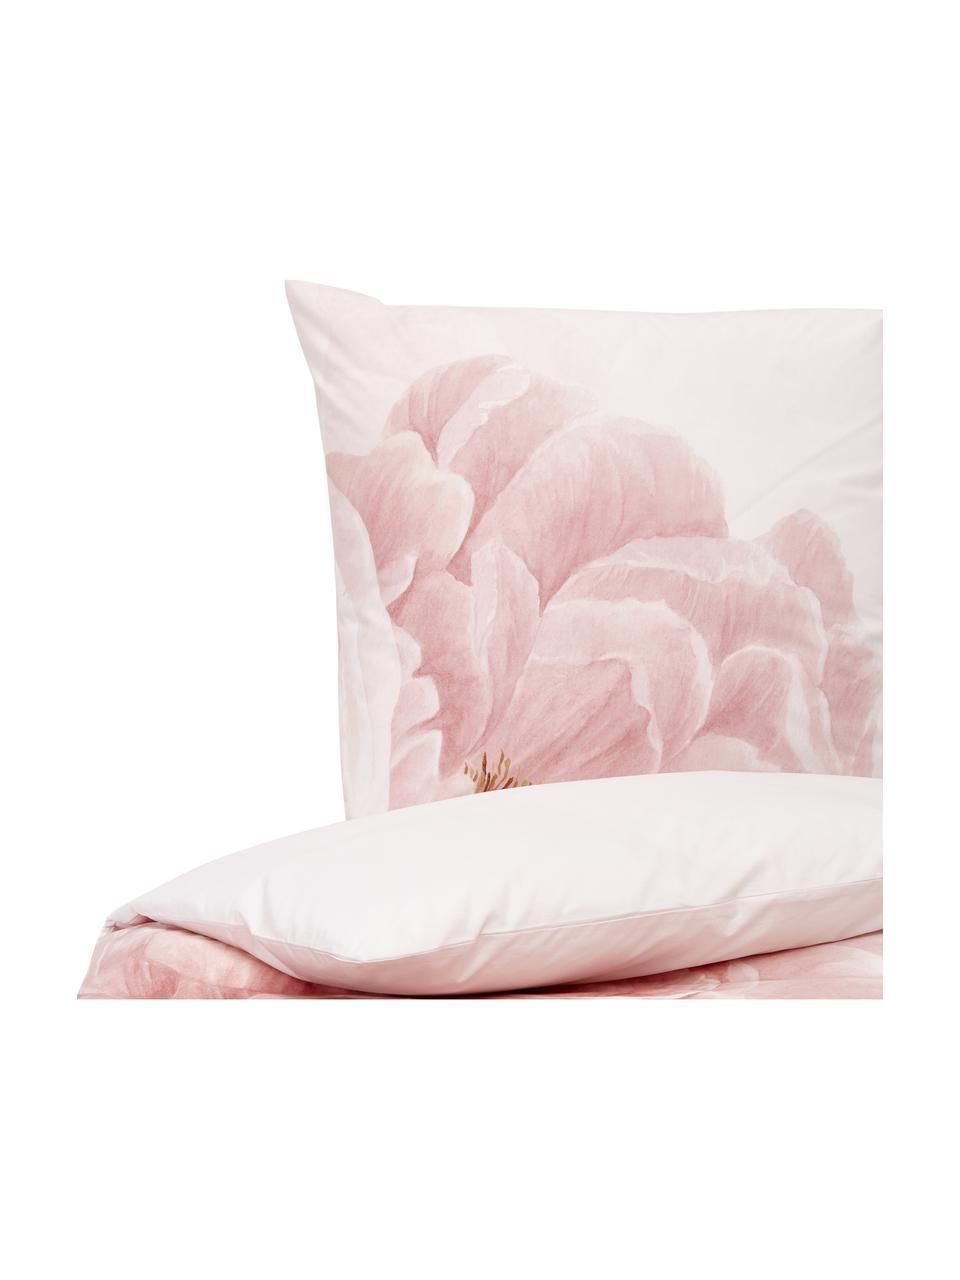 Pościel z perkalu Rosario, Biały, blady różowy, 240 x 220 cm + 2 poduszki 80 x 80 cm